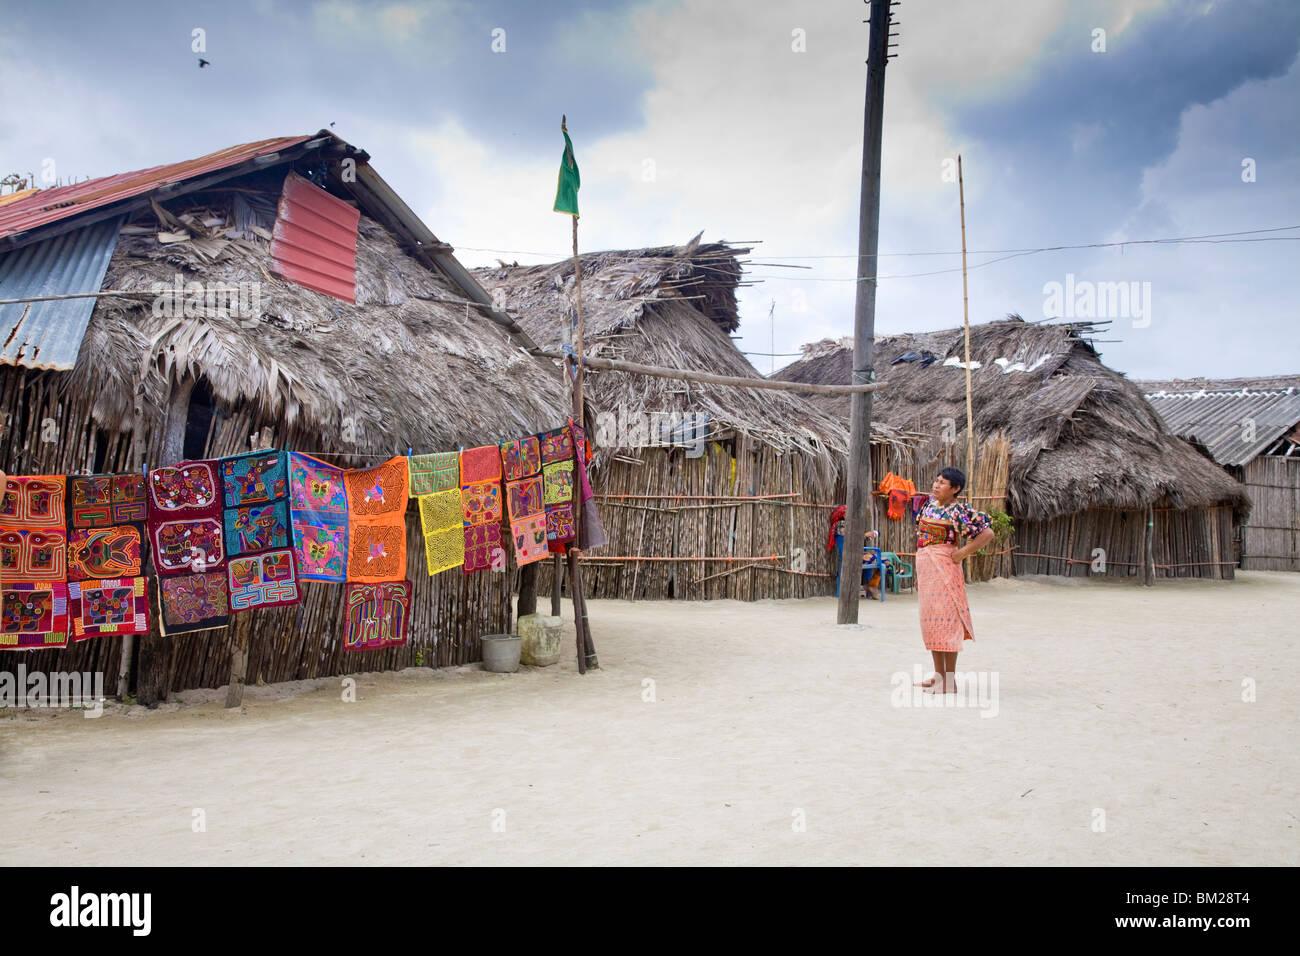 Molas de colgar a la venta fuera de casas de techos de paja, Isla Tigre, las Islas de San Blas, la Comarca de Kuna Foto de stock